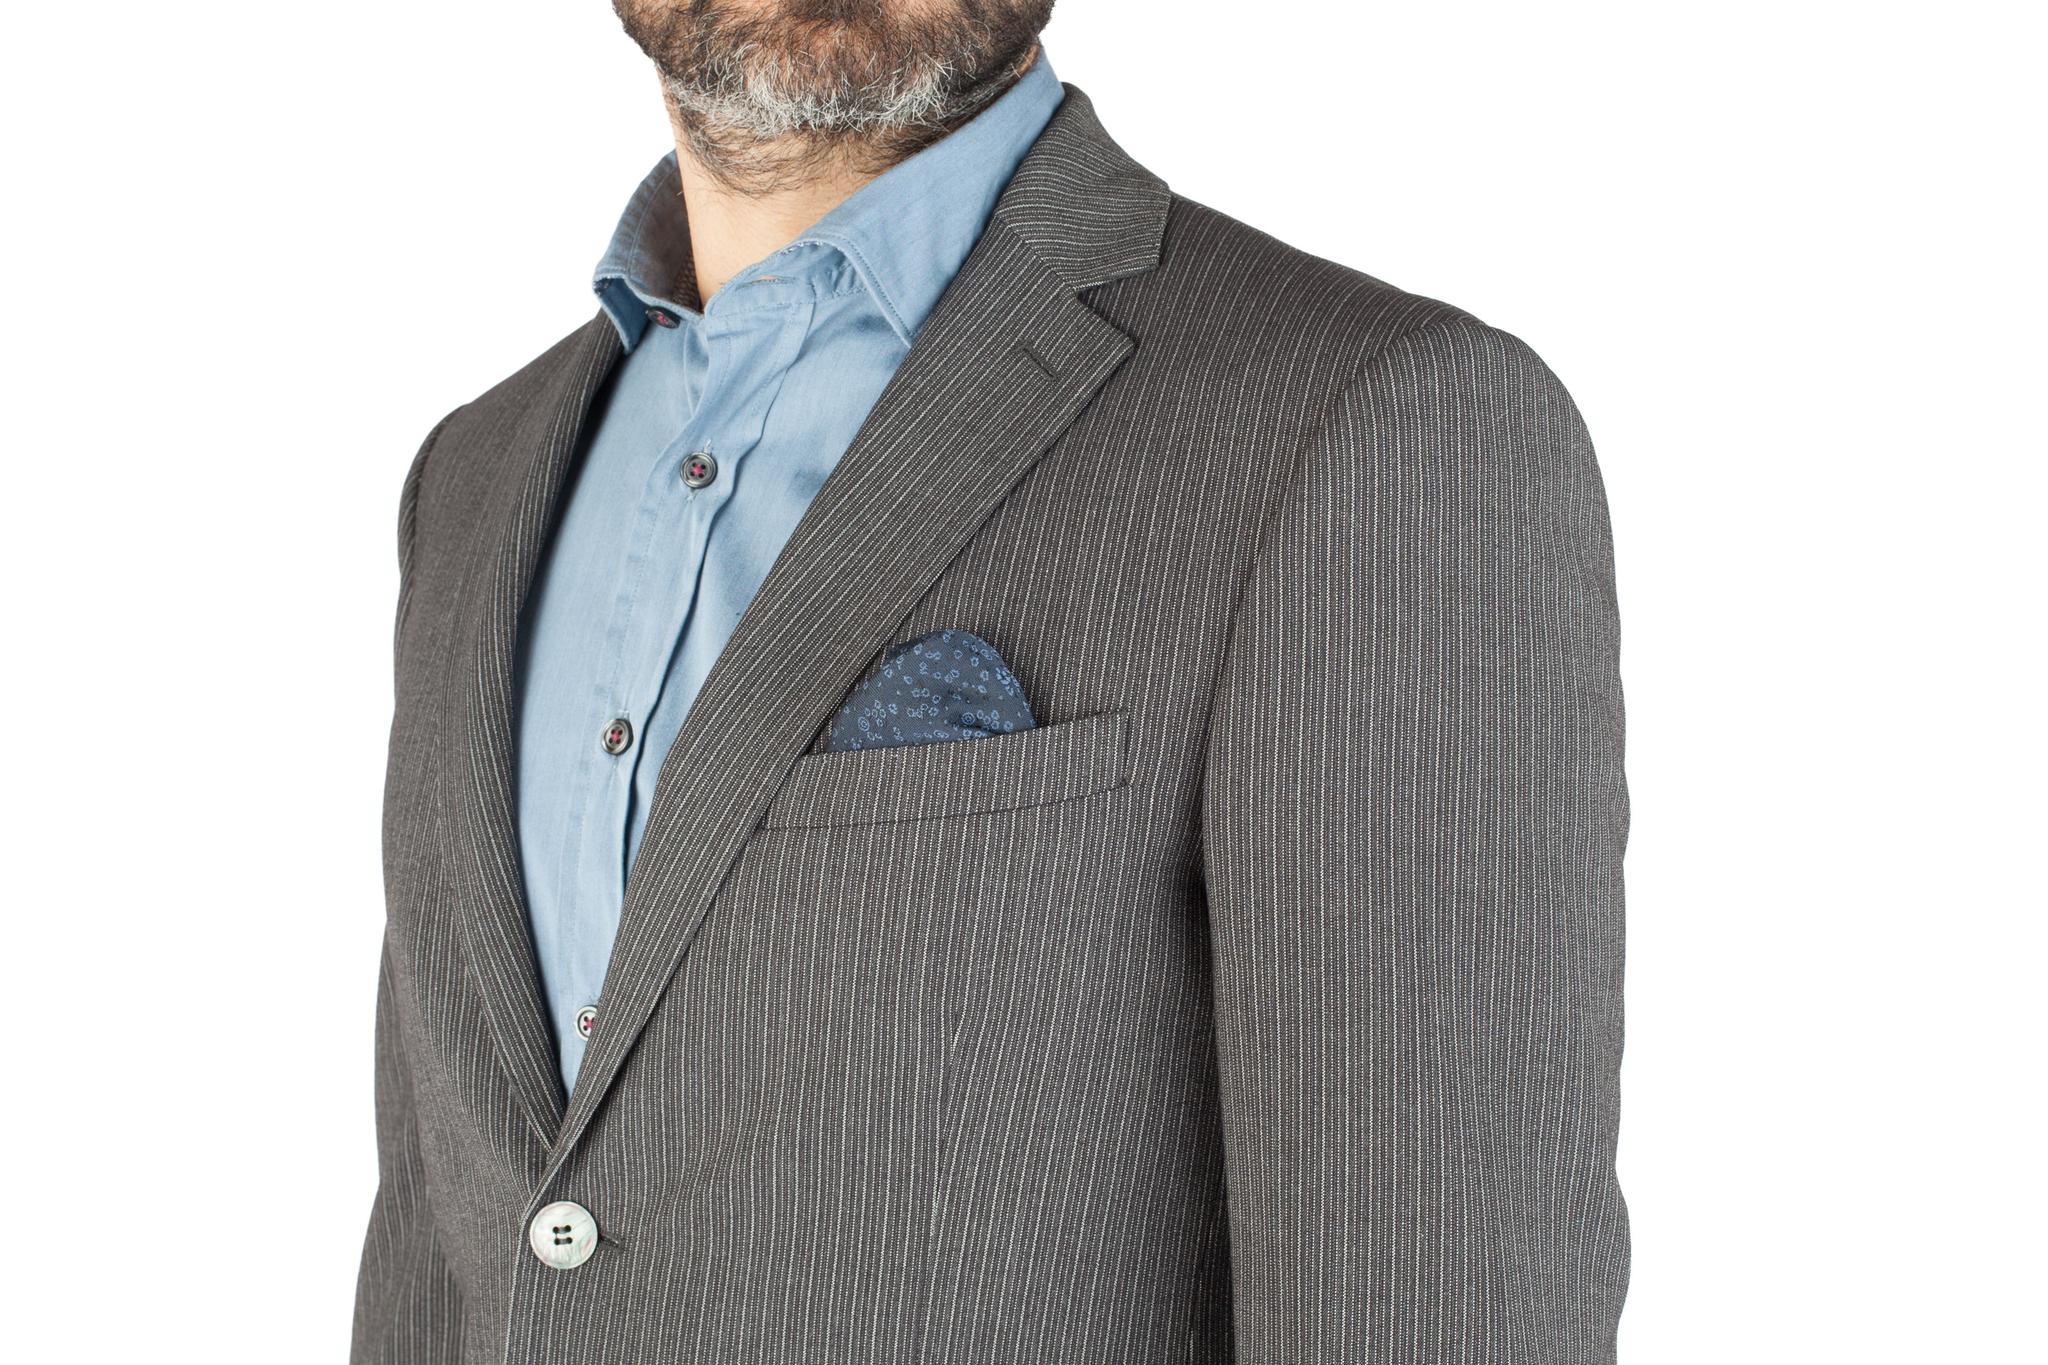 Серый шерстяной костюм в контрастную полоску, нагрудный карман